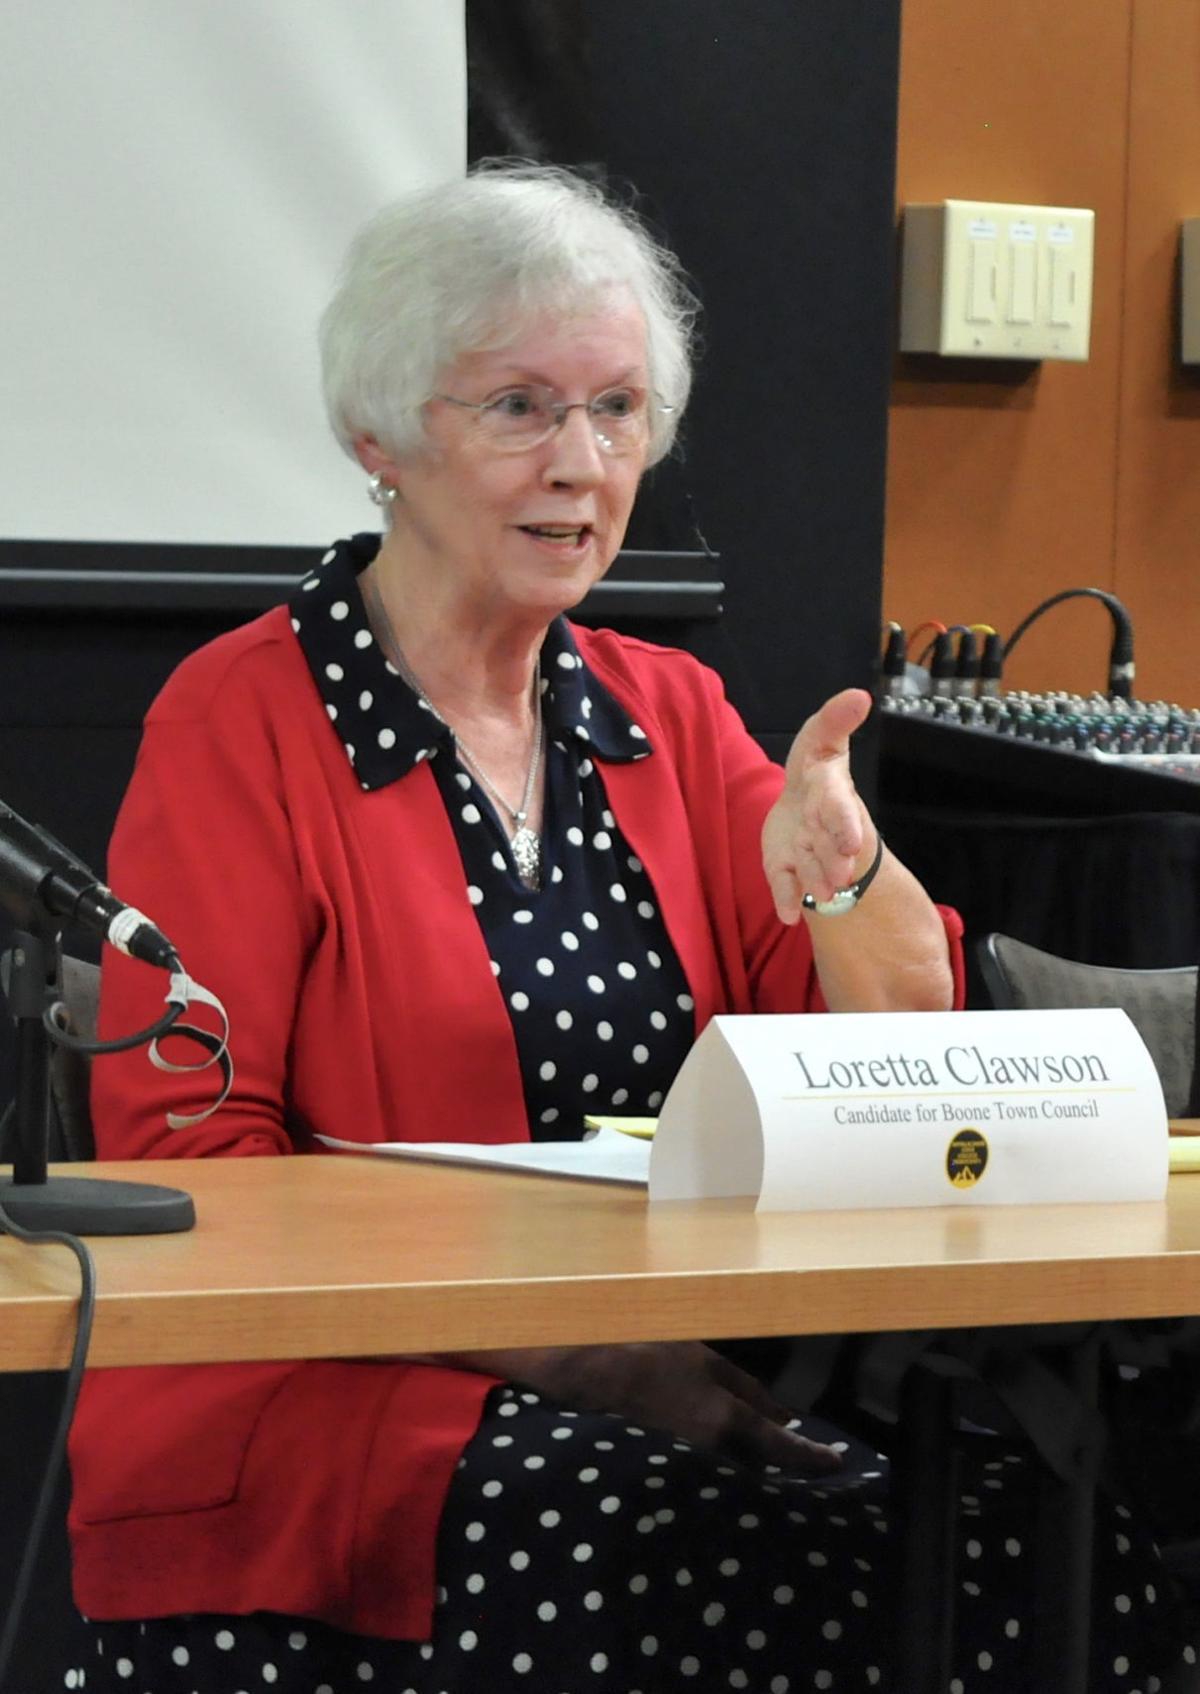 Loretta Clawson